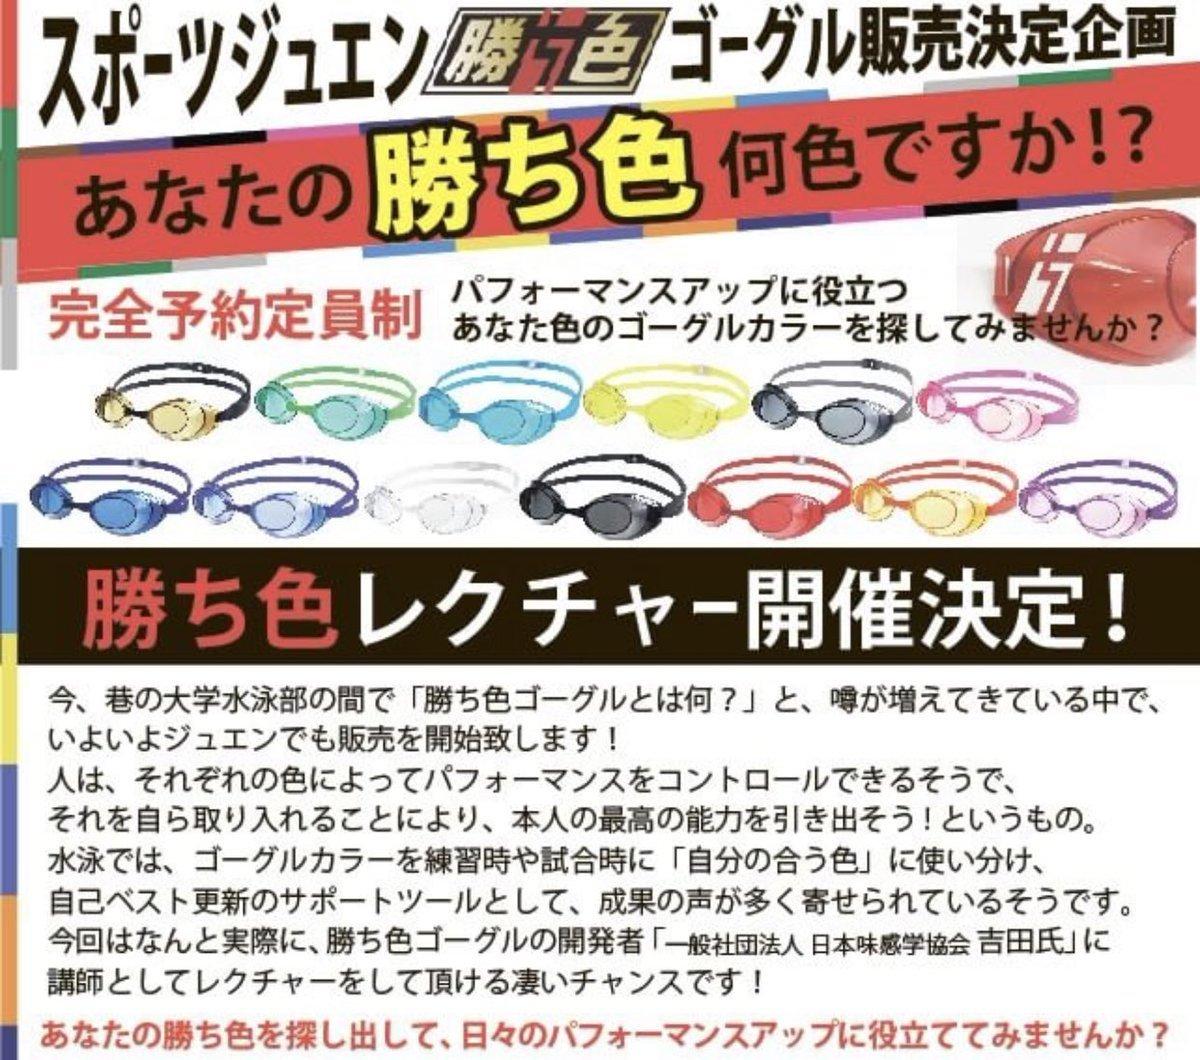 パフォーマンスアップカラー(勝ち色)体験会